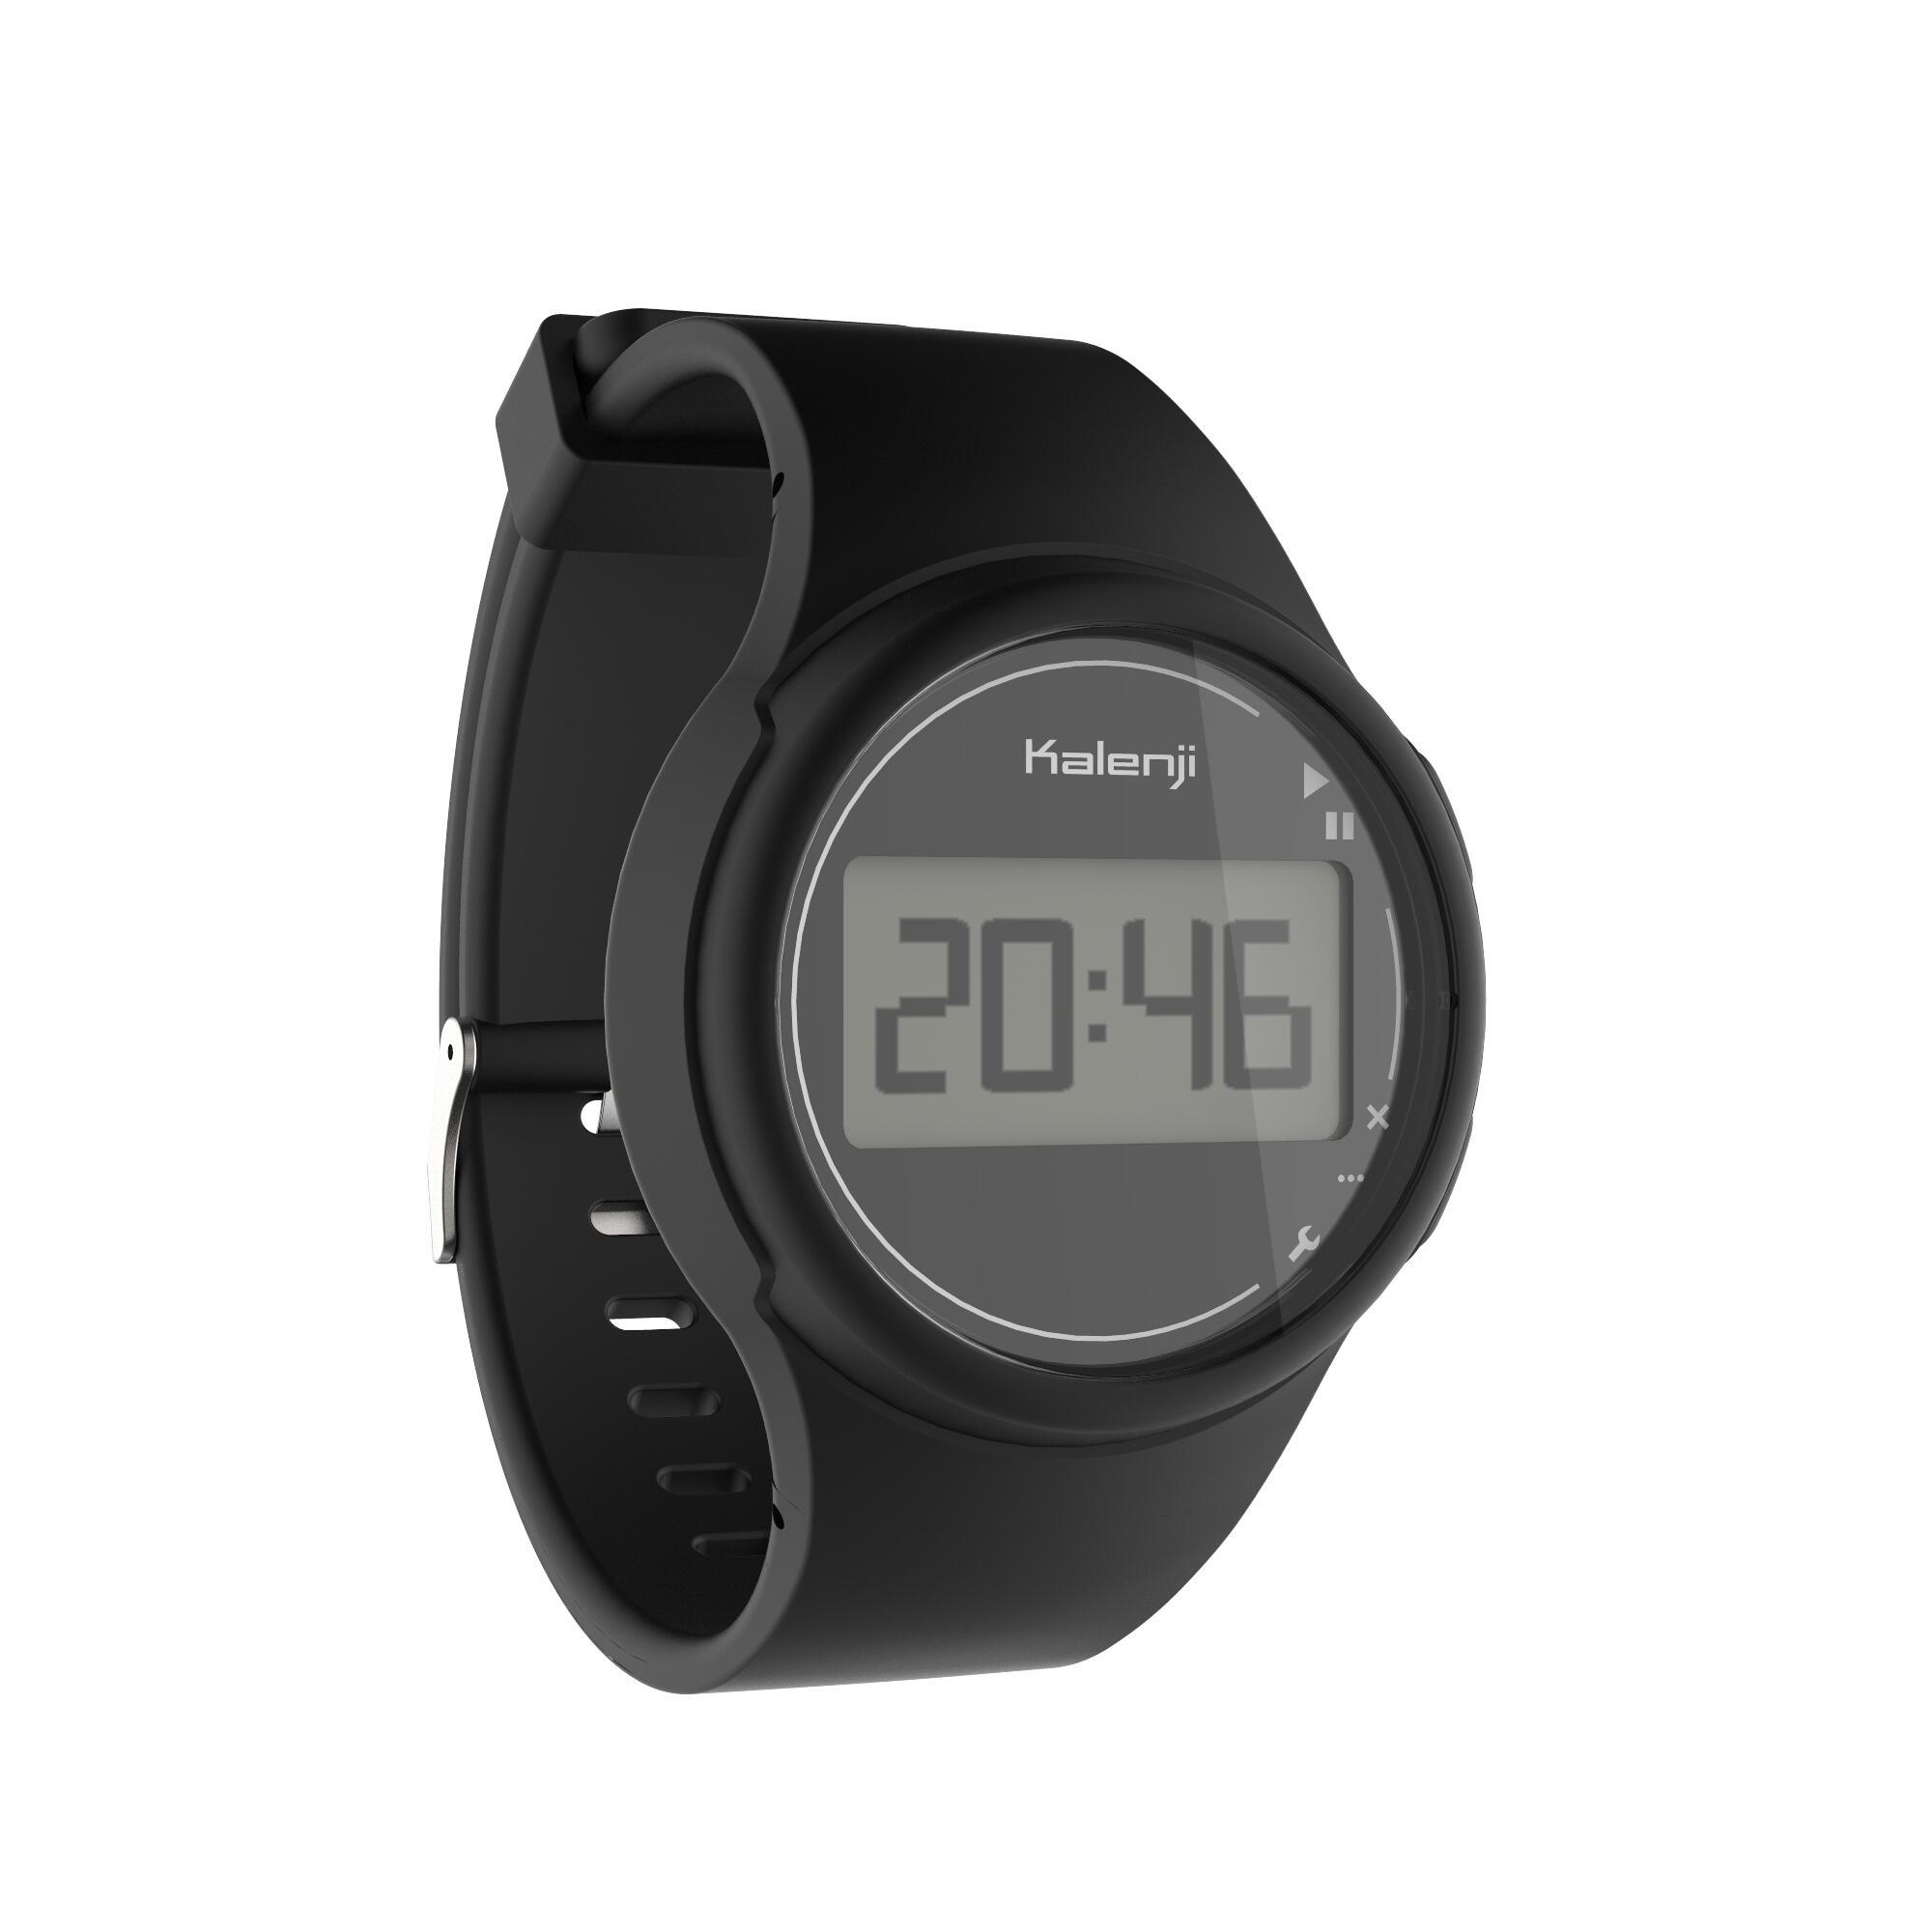 W100 M Jam Tangan Timer Digital Olahraga Pria - Hitam